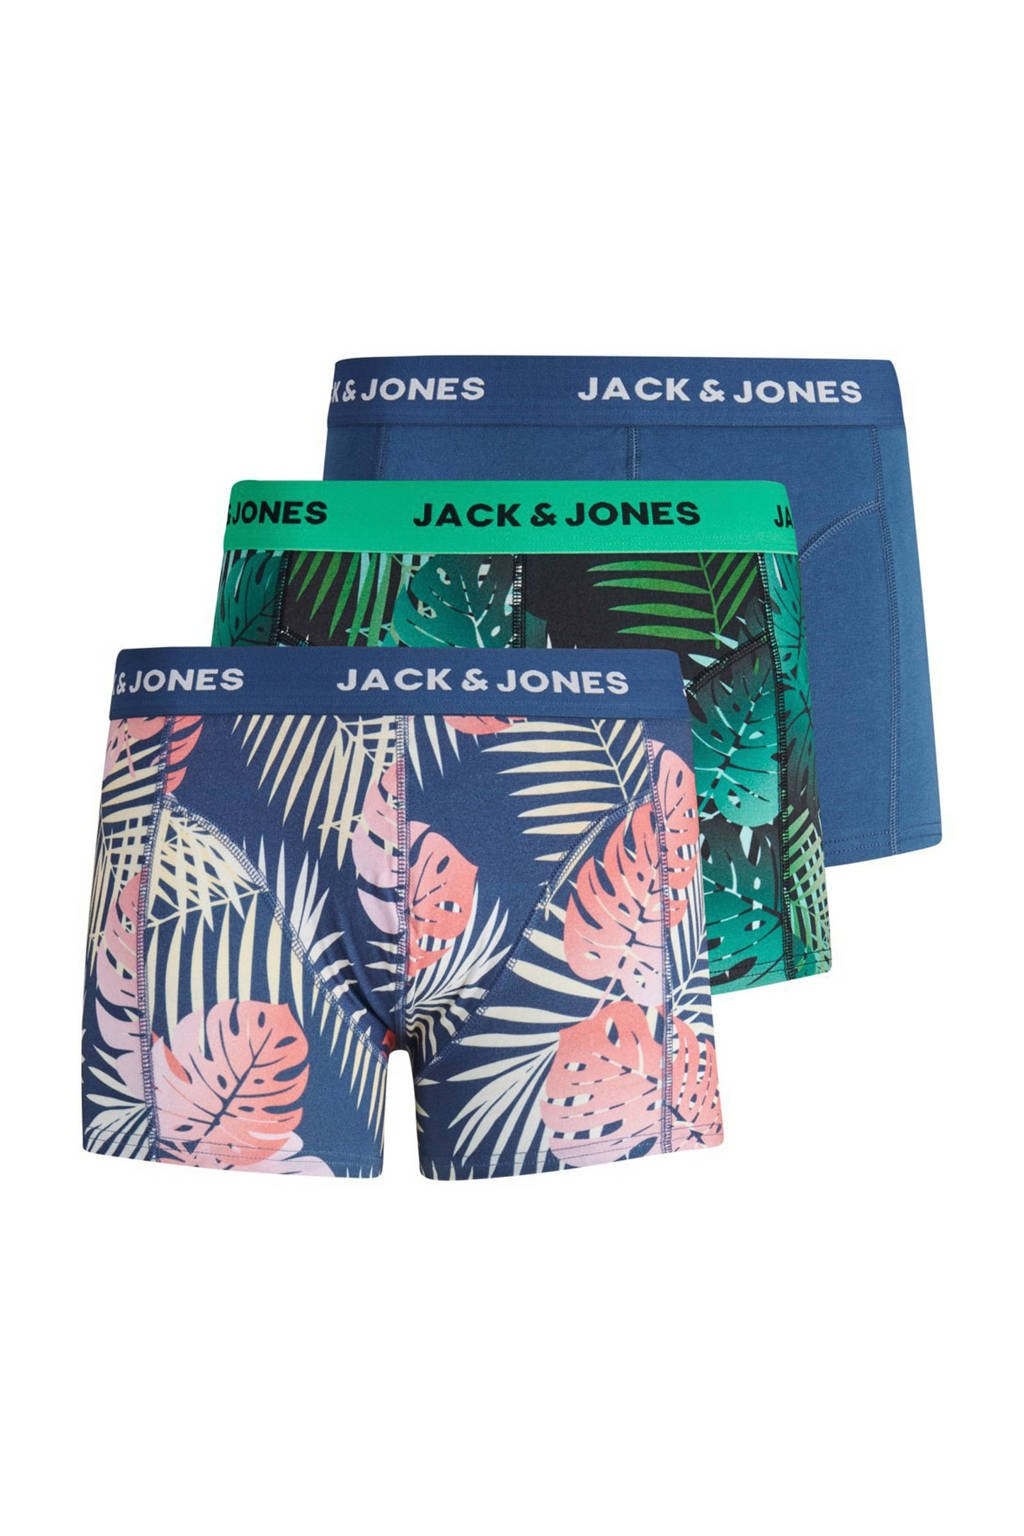 JACK & JONES boxershort (set van 3), Blauw/groen/roze